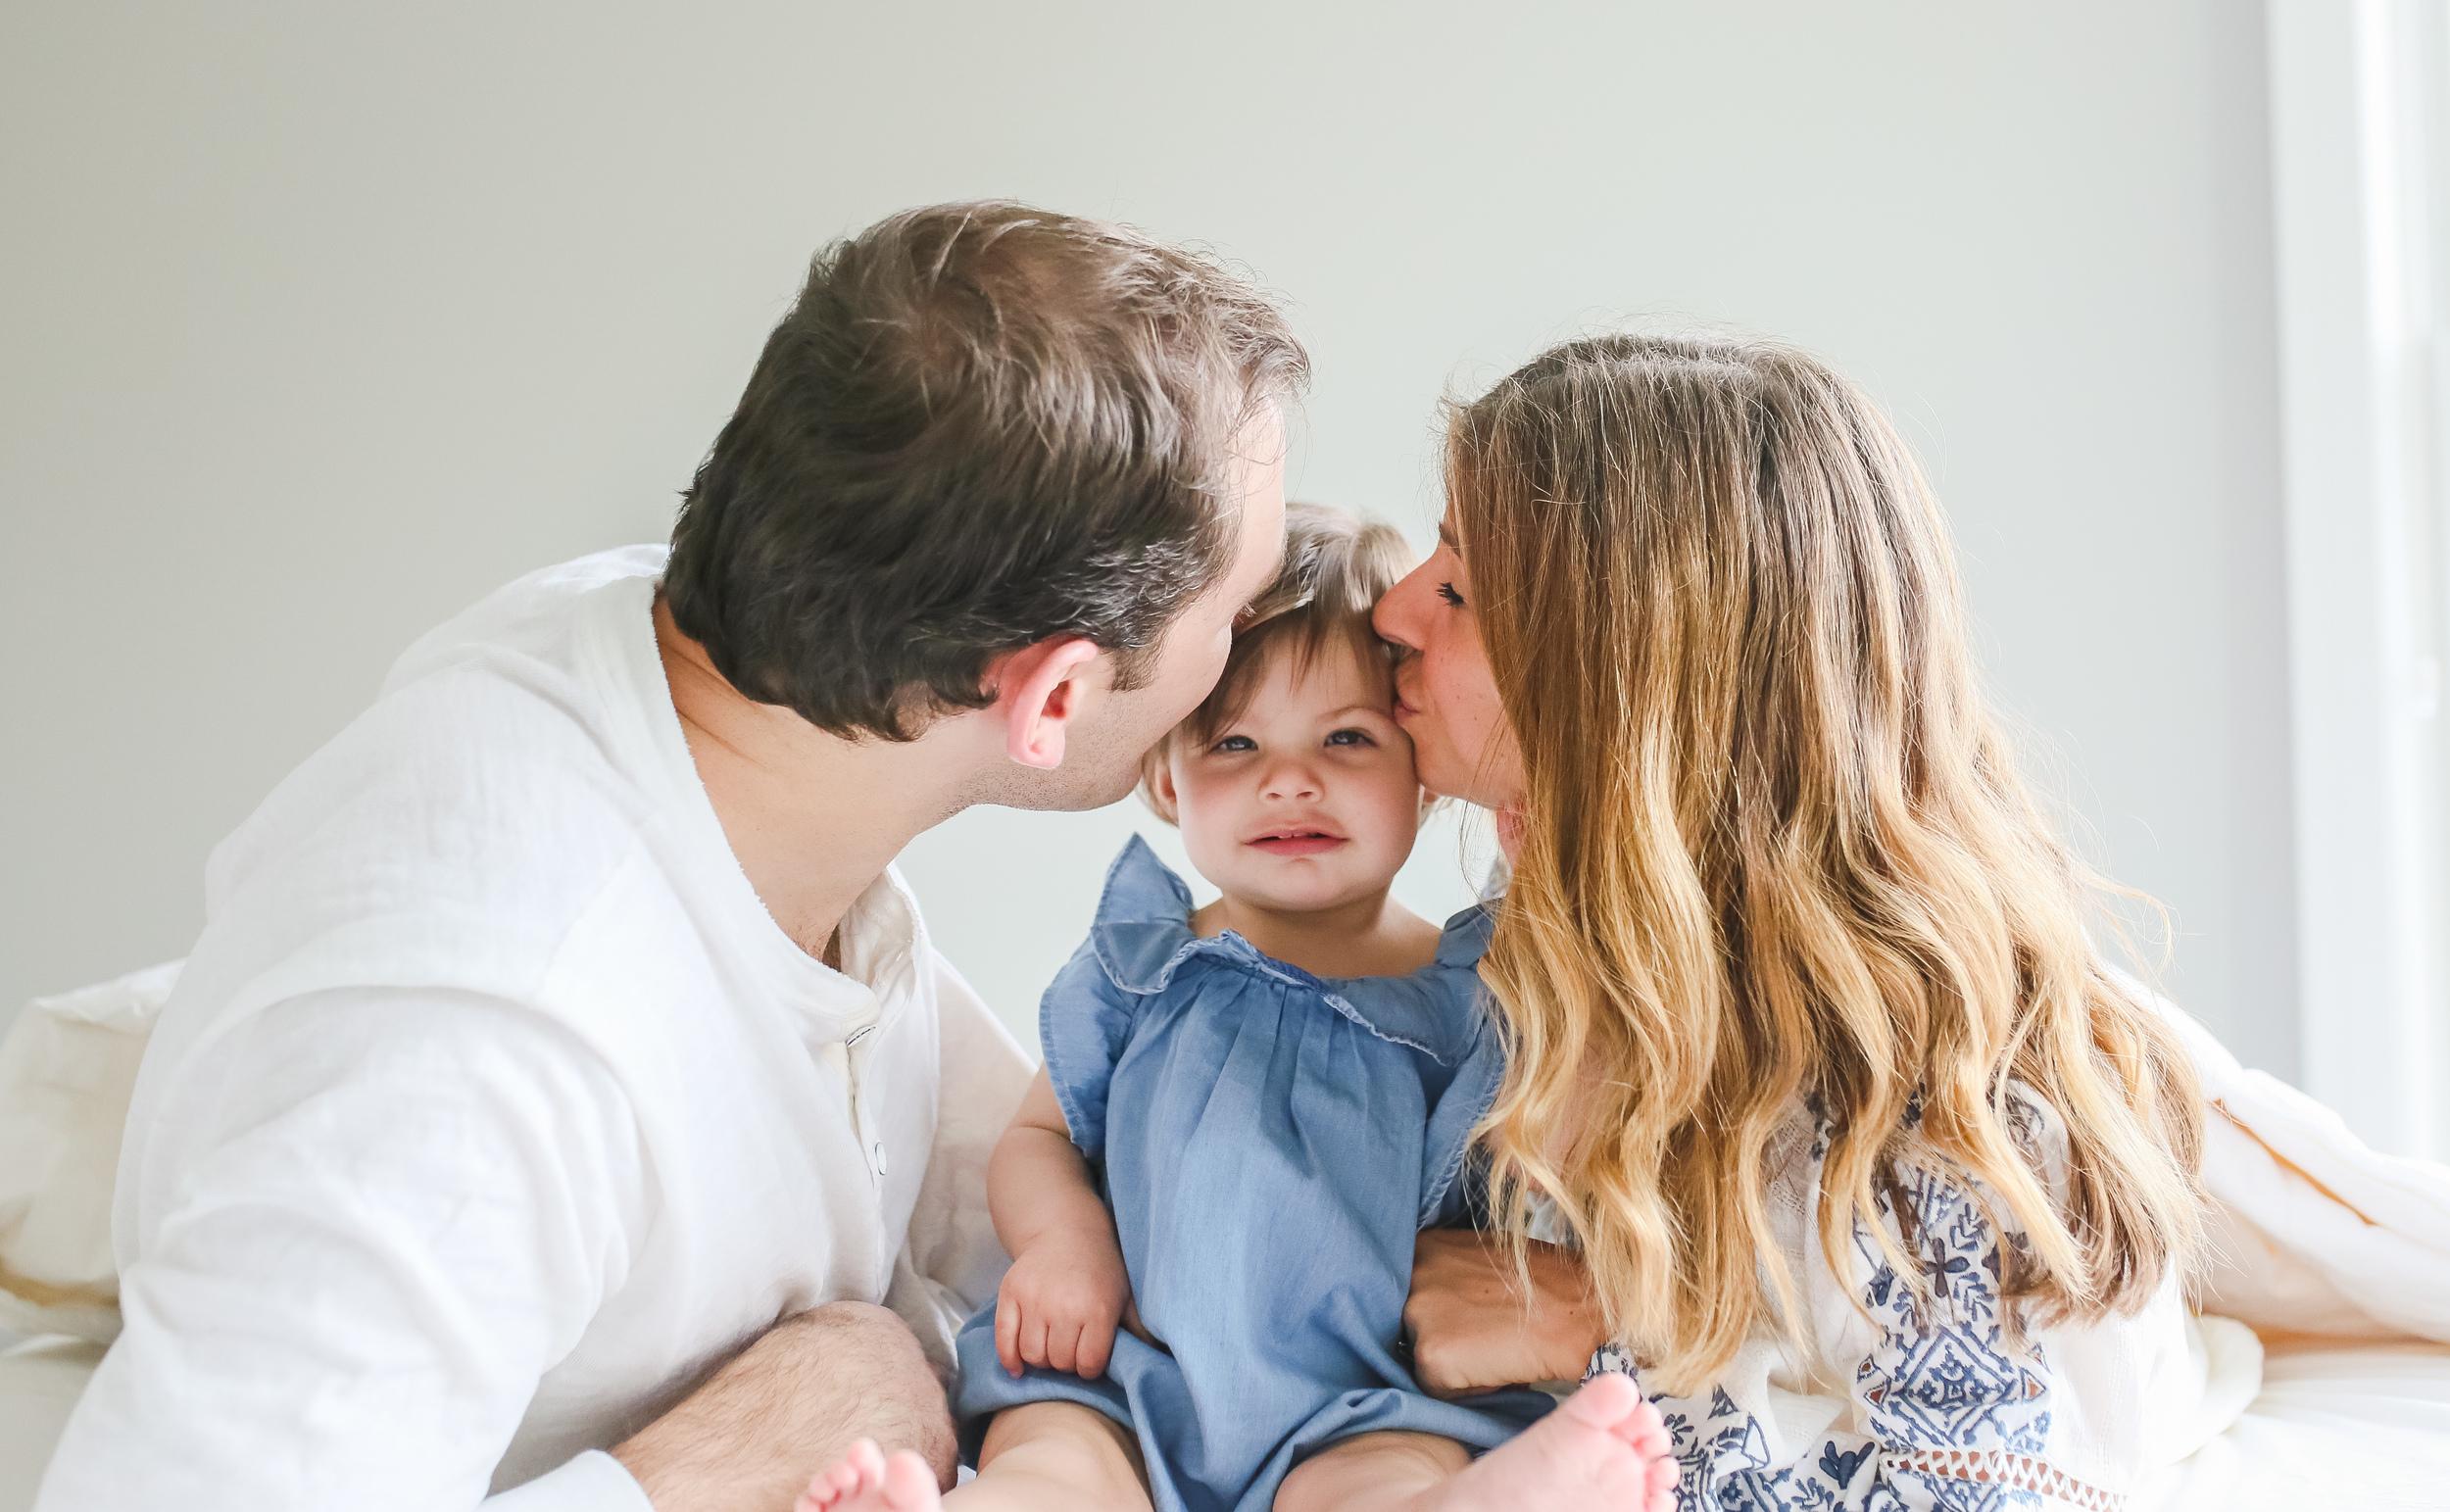 family baby kiss